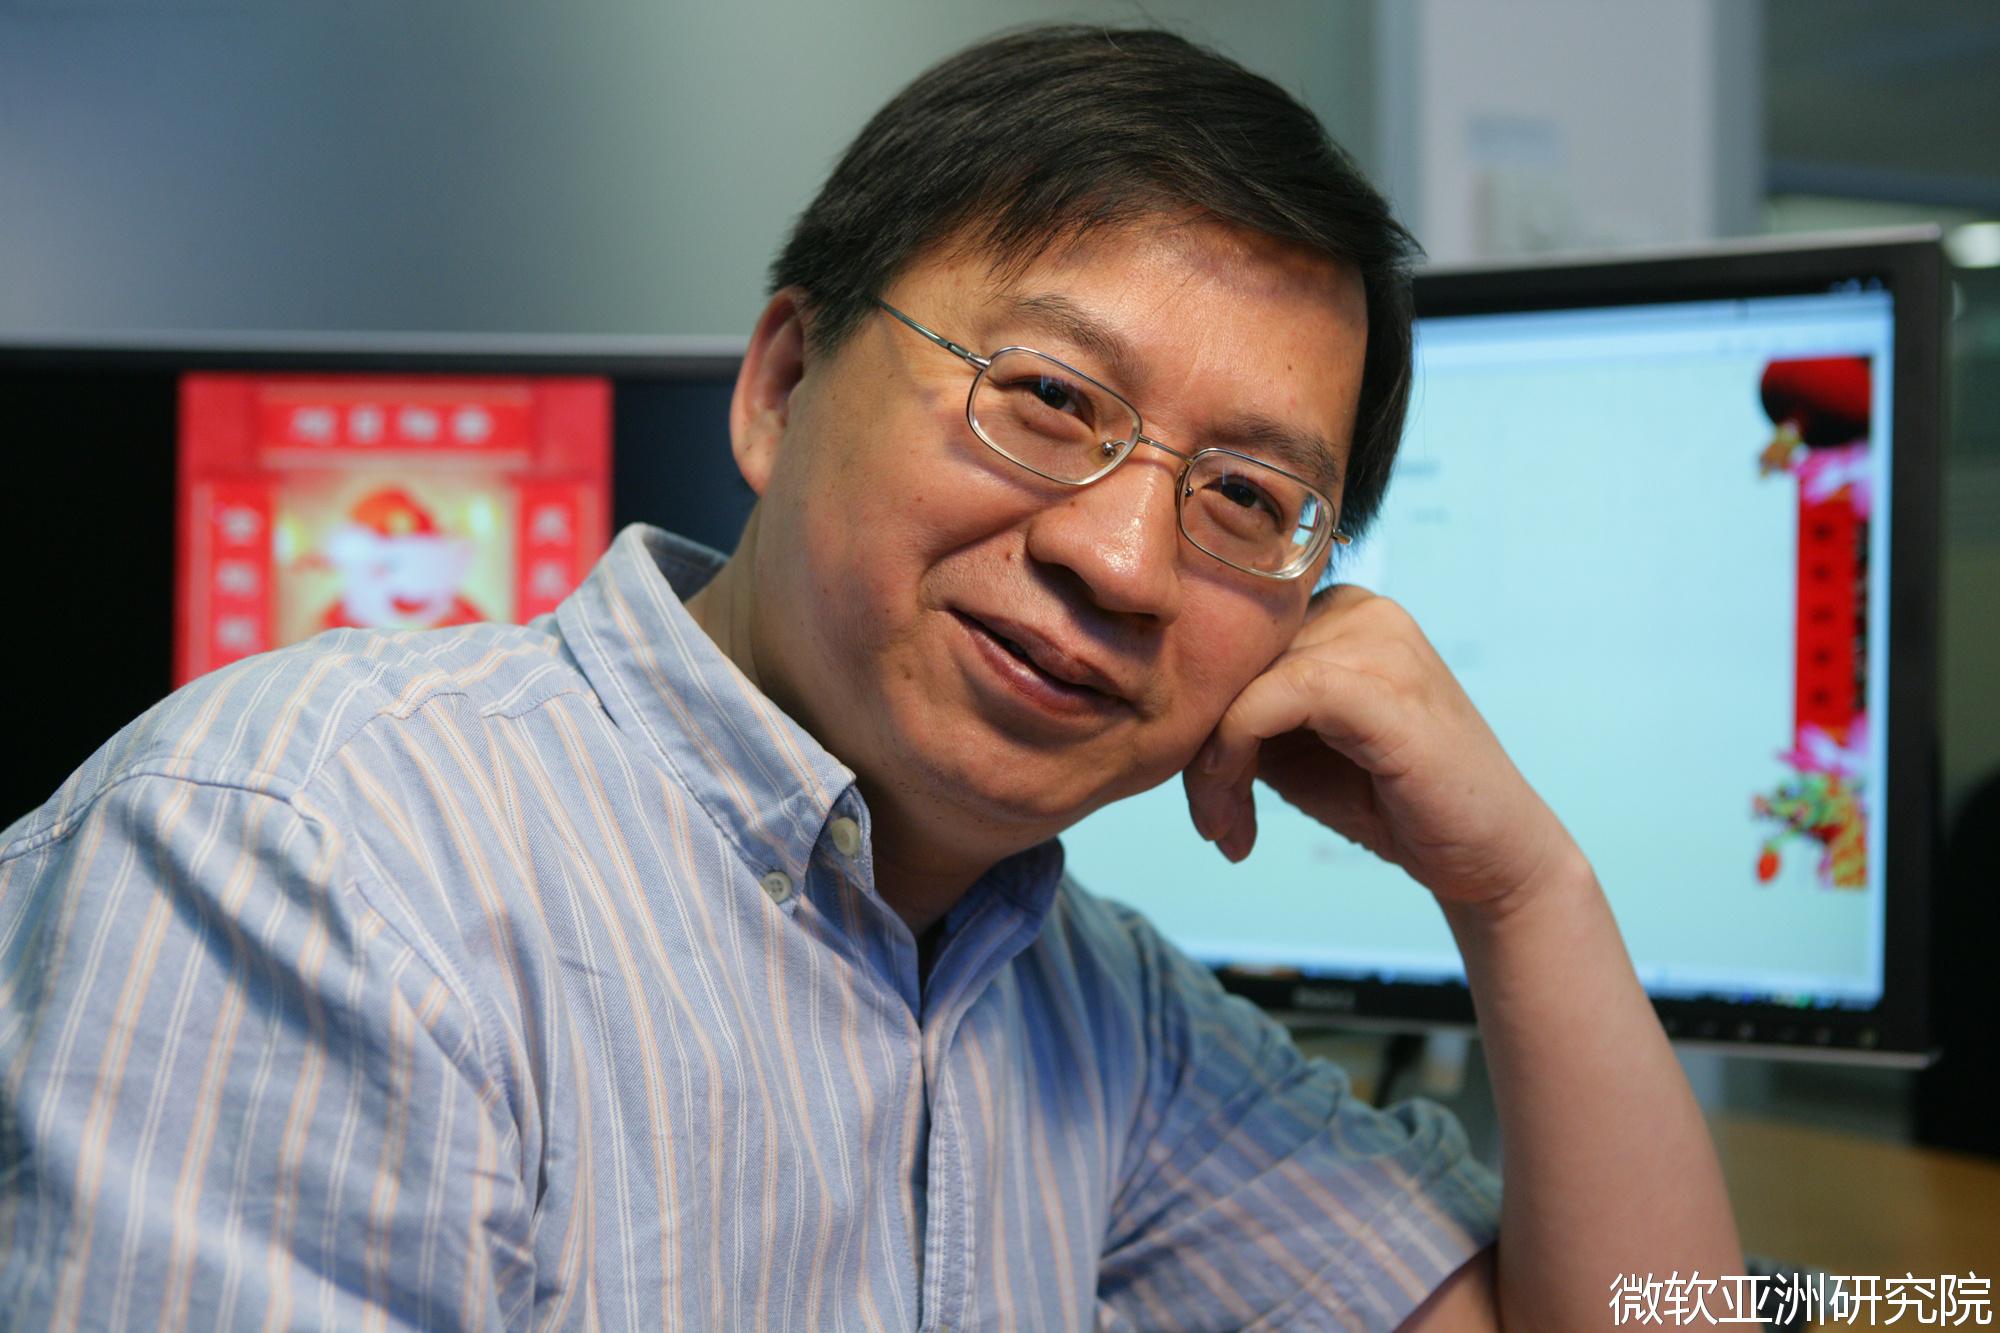 微软亚洲研究院首席研究员 周明